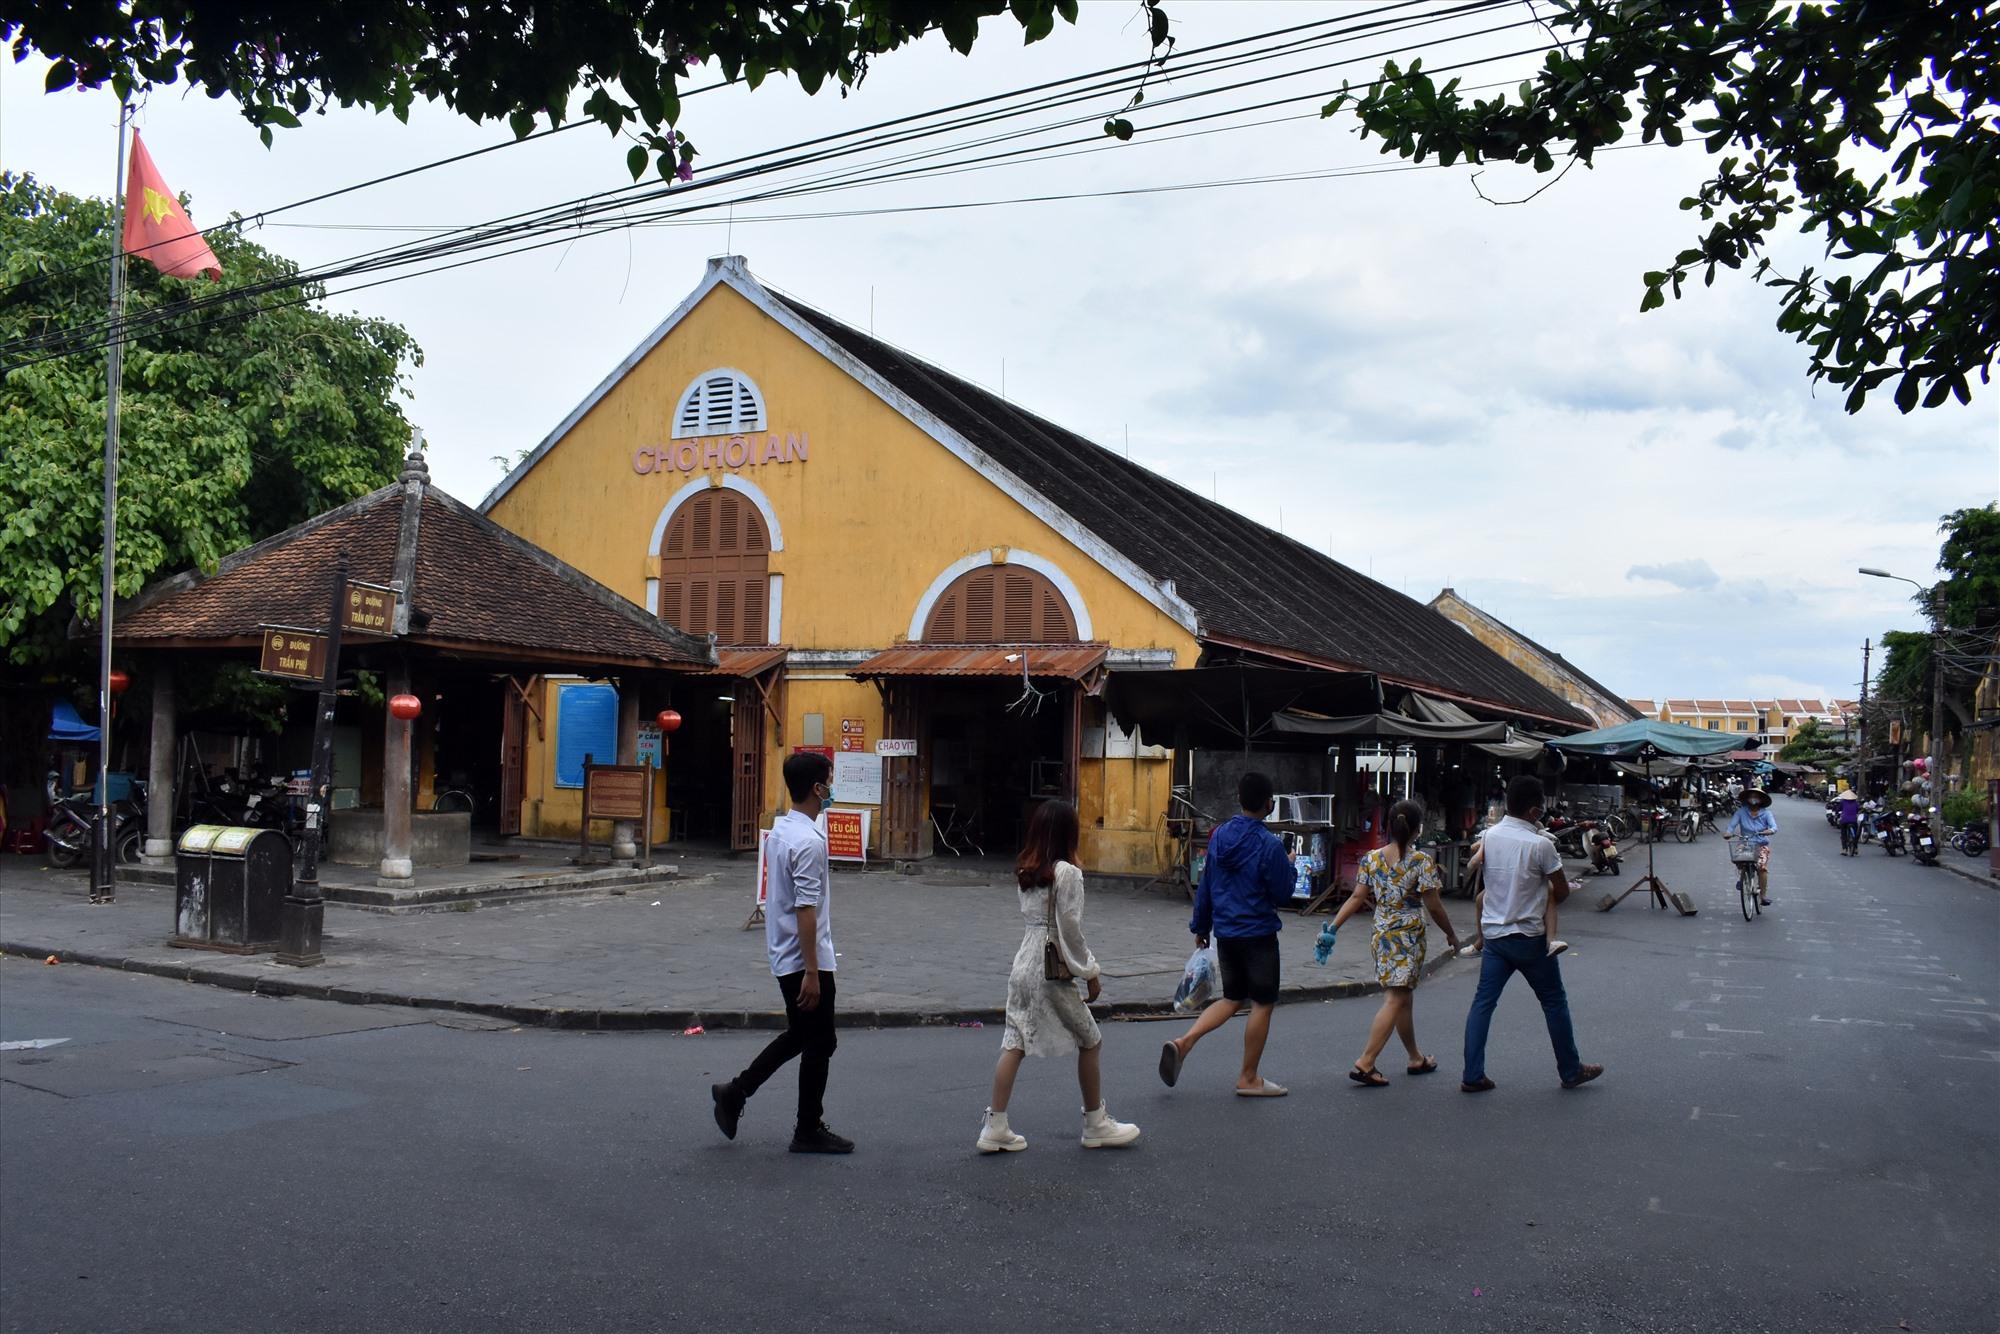 Chợ Hội An là một trong 2 chợ hạng 1 của tỉnh Quảng Nam